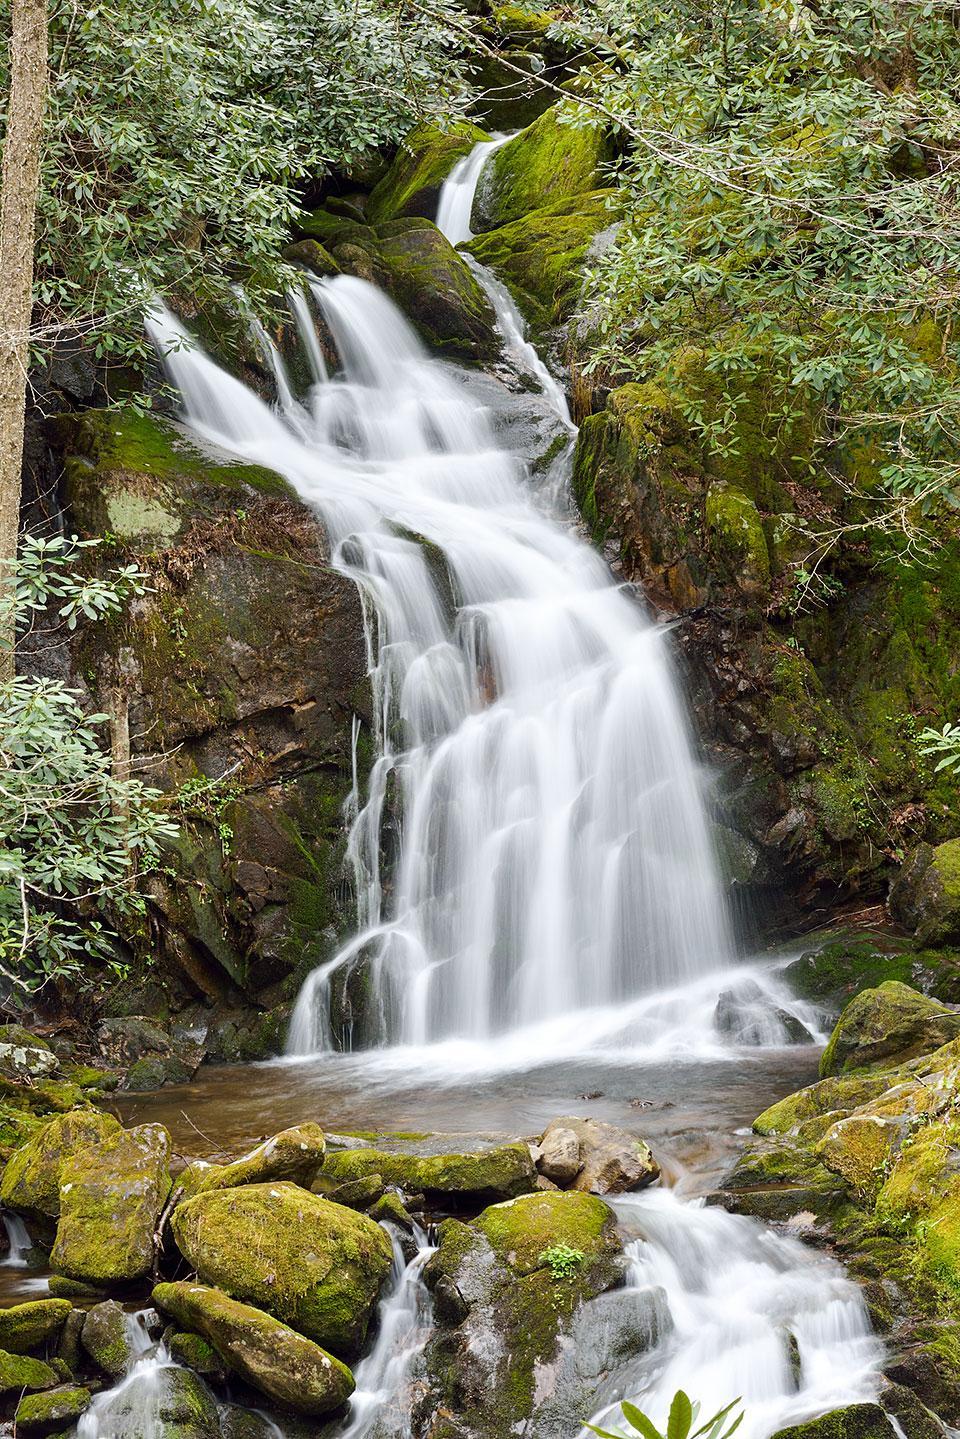 Moose Creek Falls